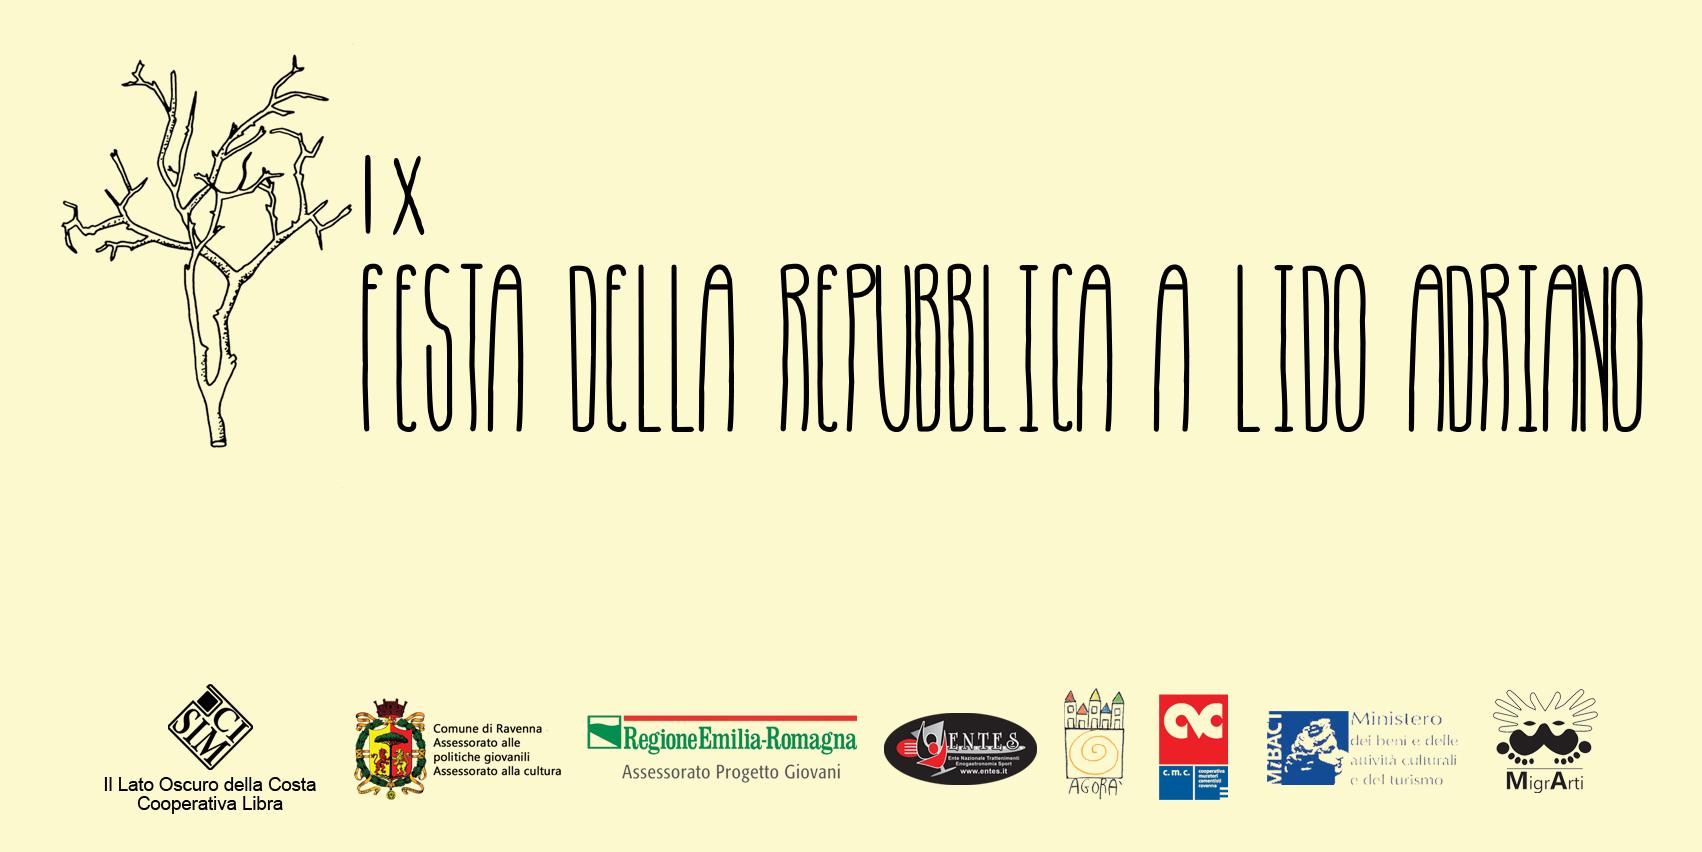 IX Festa della Repubblica a Lido Adriano / Hugo Race Fatalists LIVE